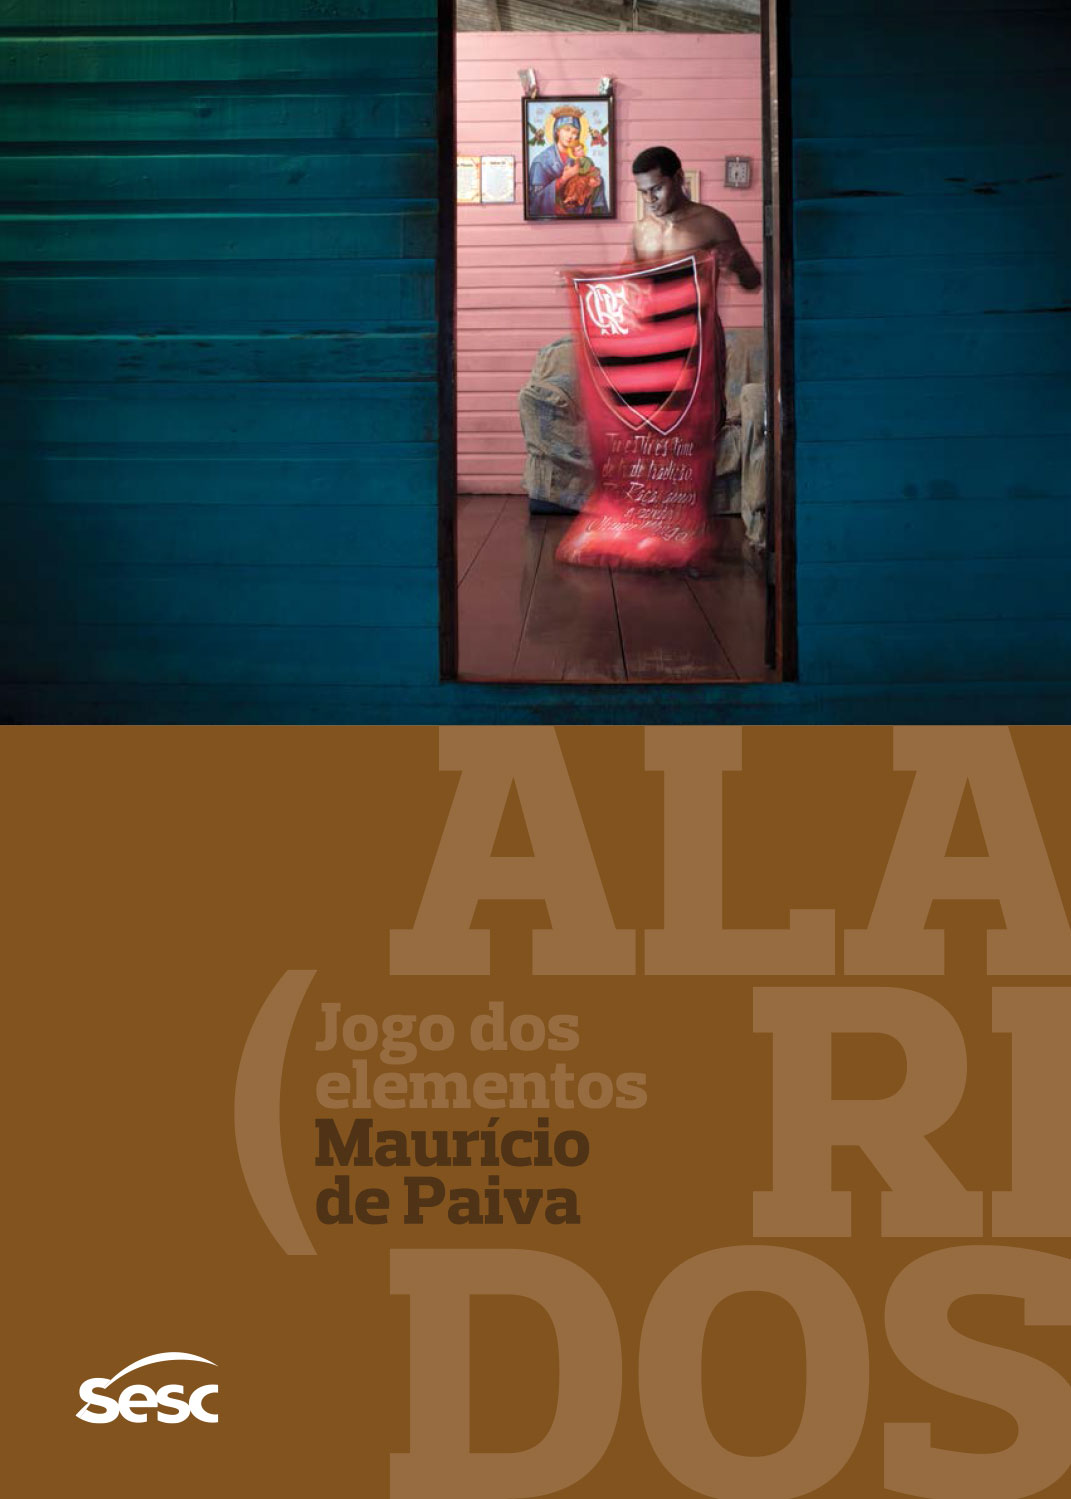 Design do catálogo da exposição  Alaridos, jogo dos elementos .  Sesc Itaquera, janeiro-maio 2015. Fotos de Maurício de Paiva